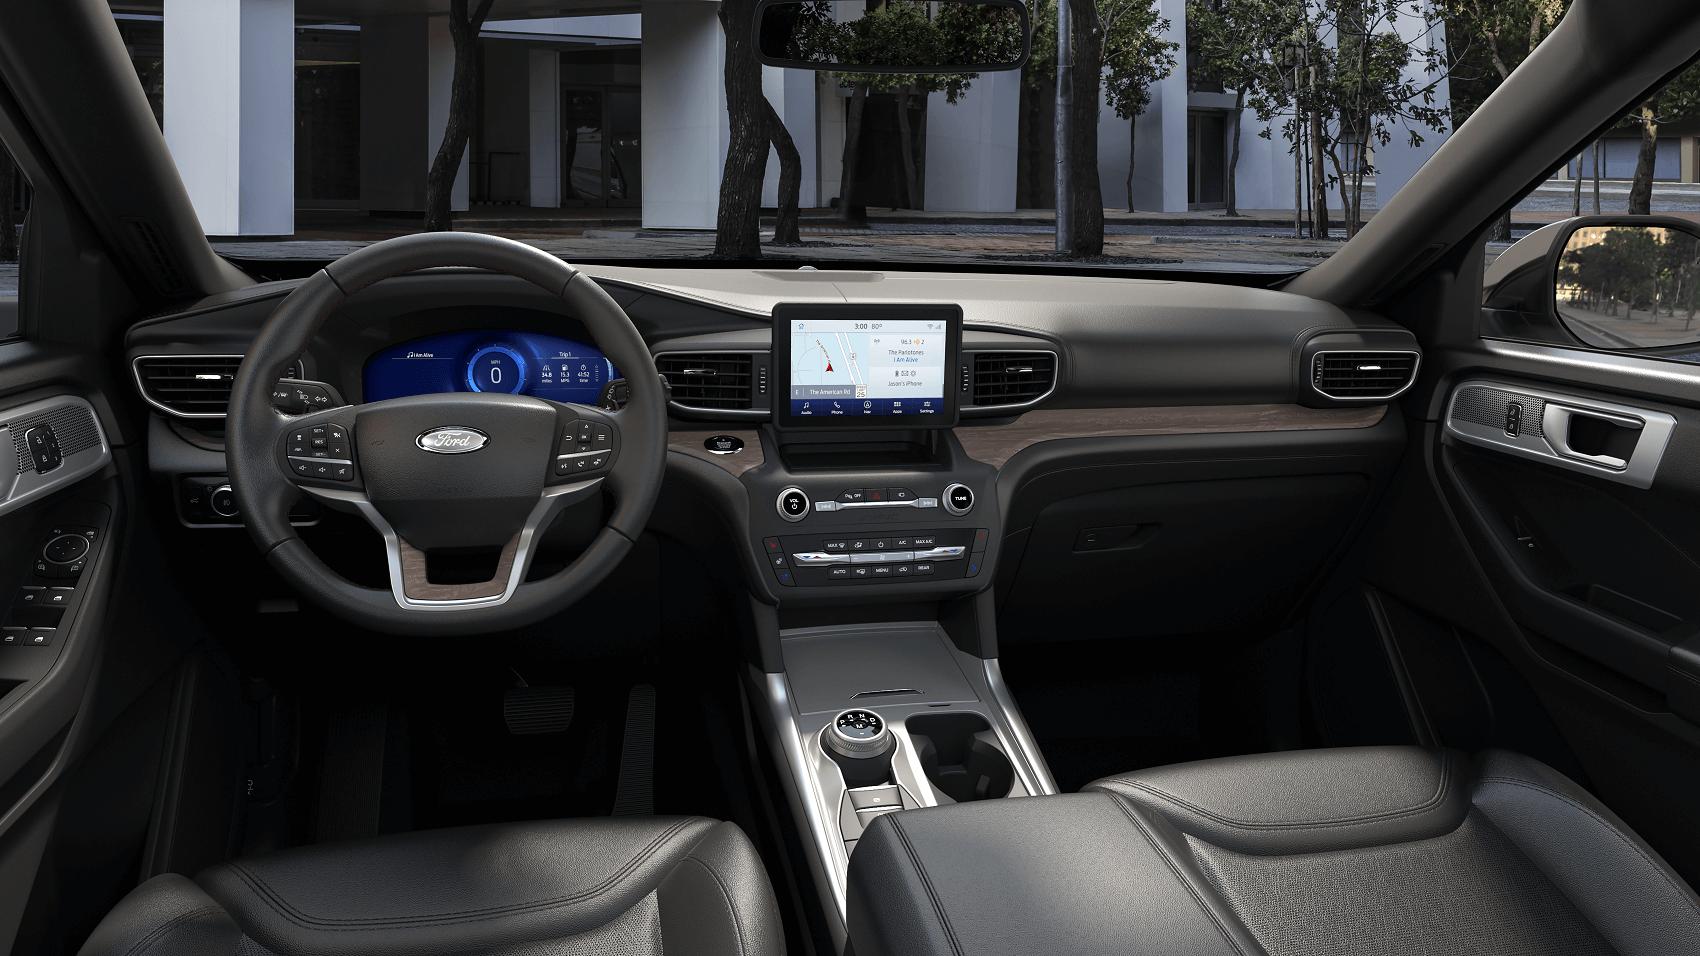 Ford Explorer Technology